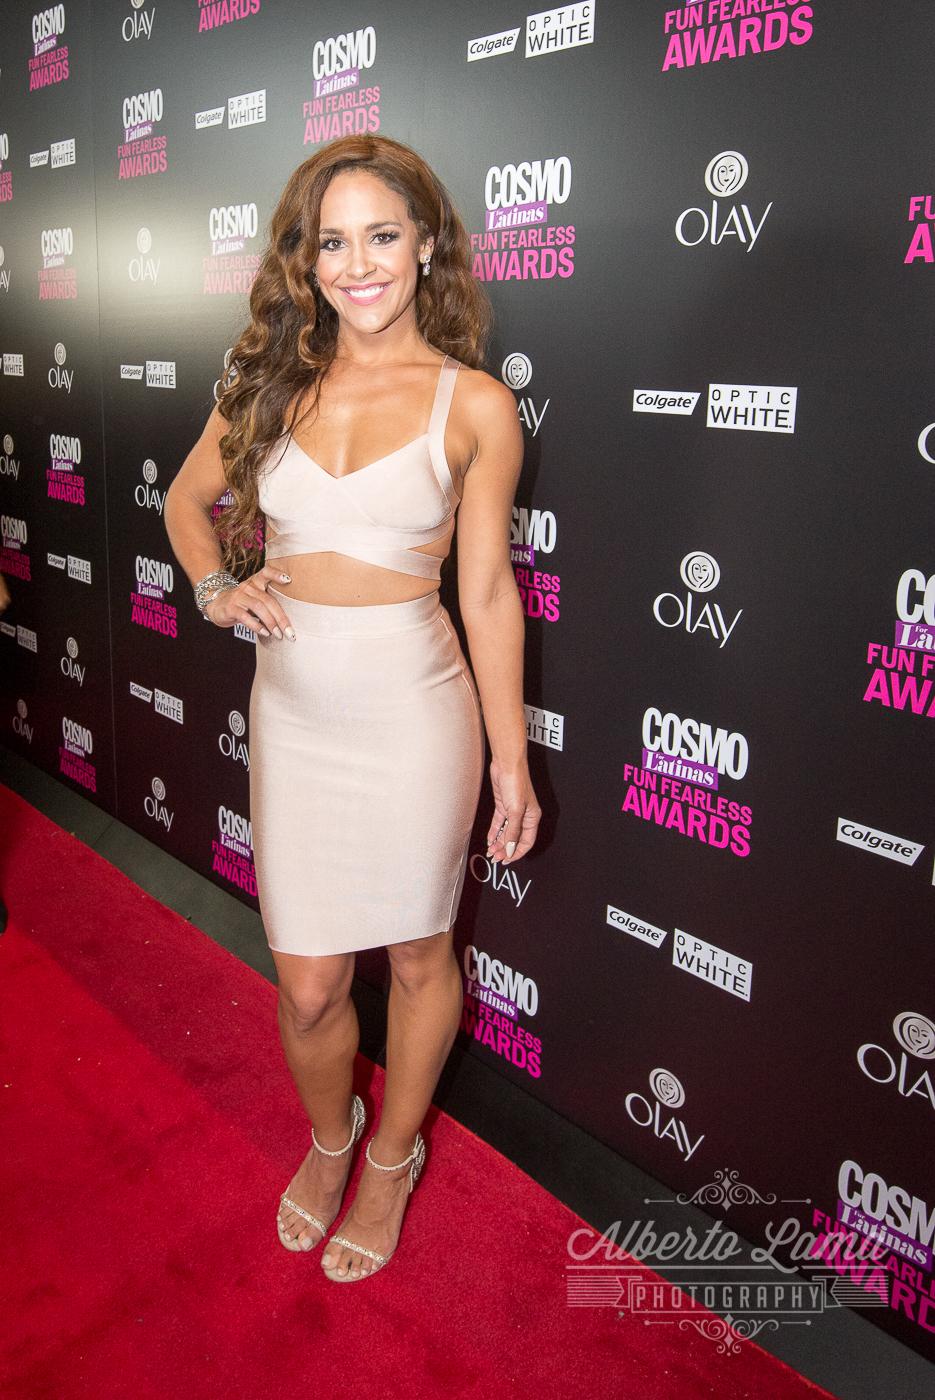 Fearless Latinas Awards